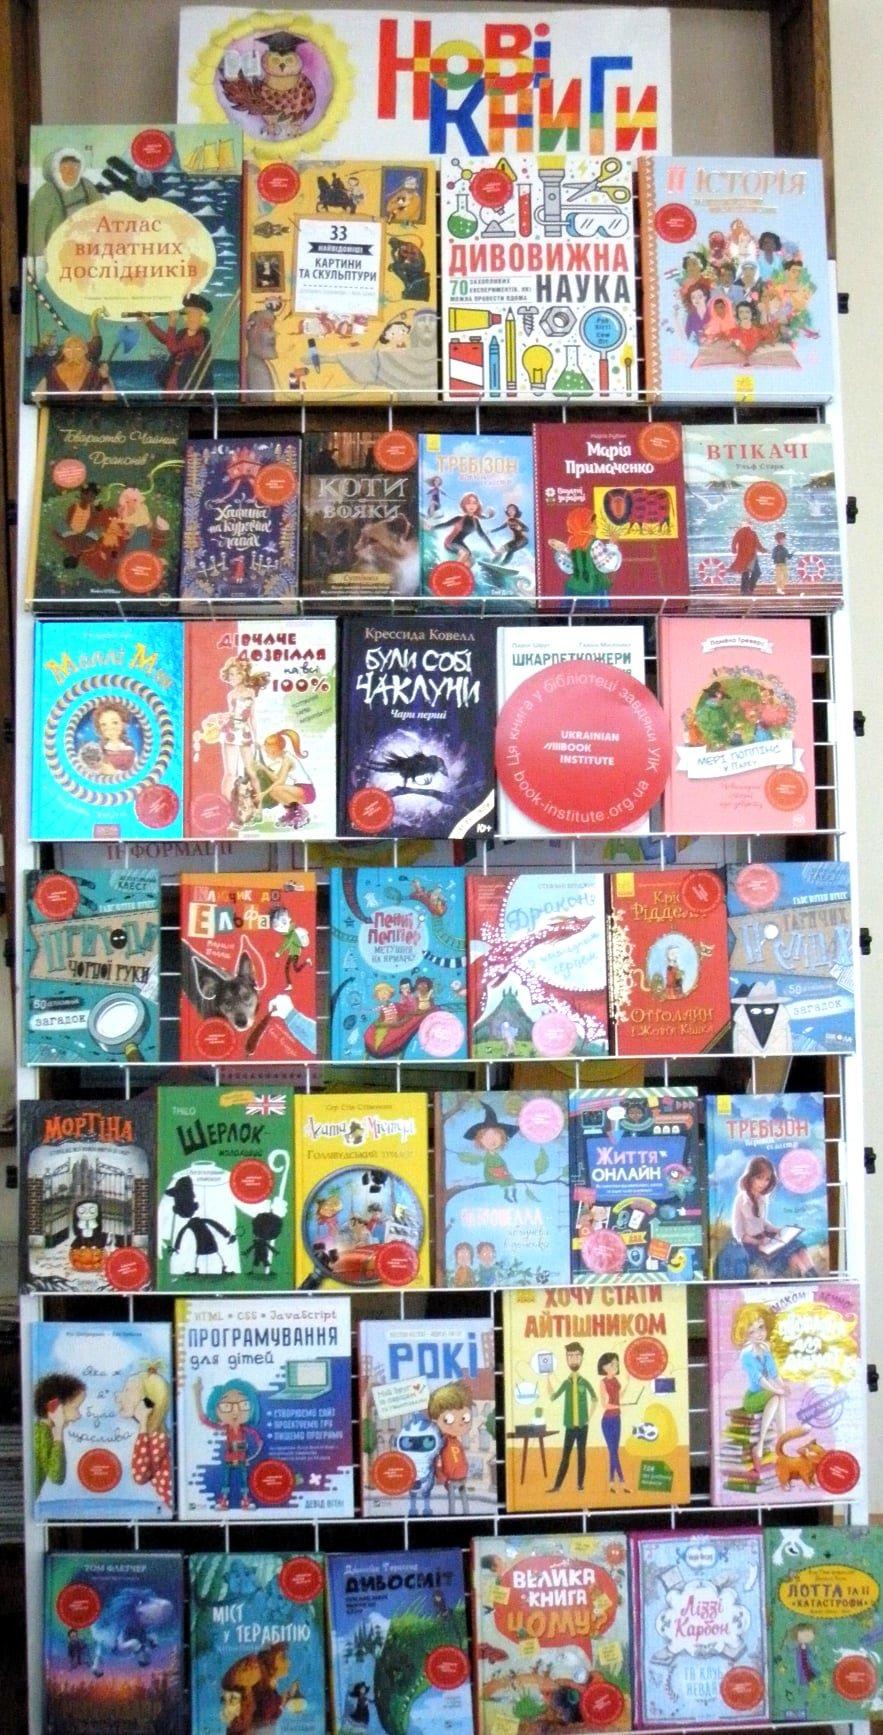 Конотопська дитяча бібліотека отримала 300 нових книг, фото-1